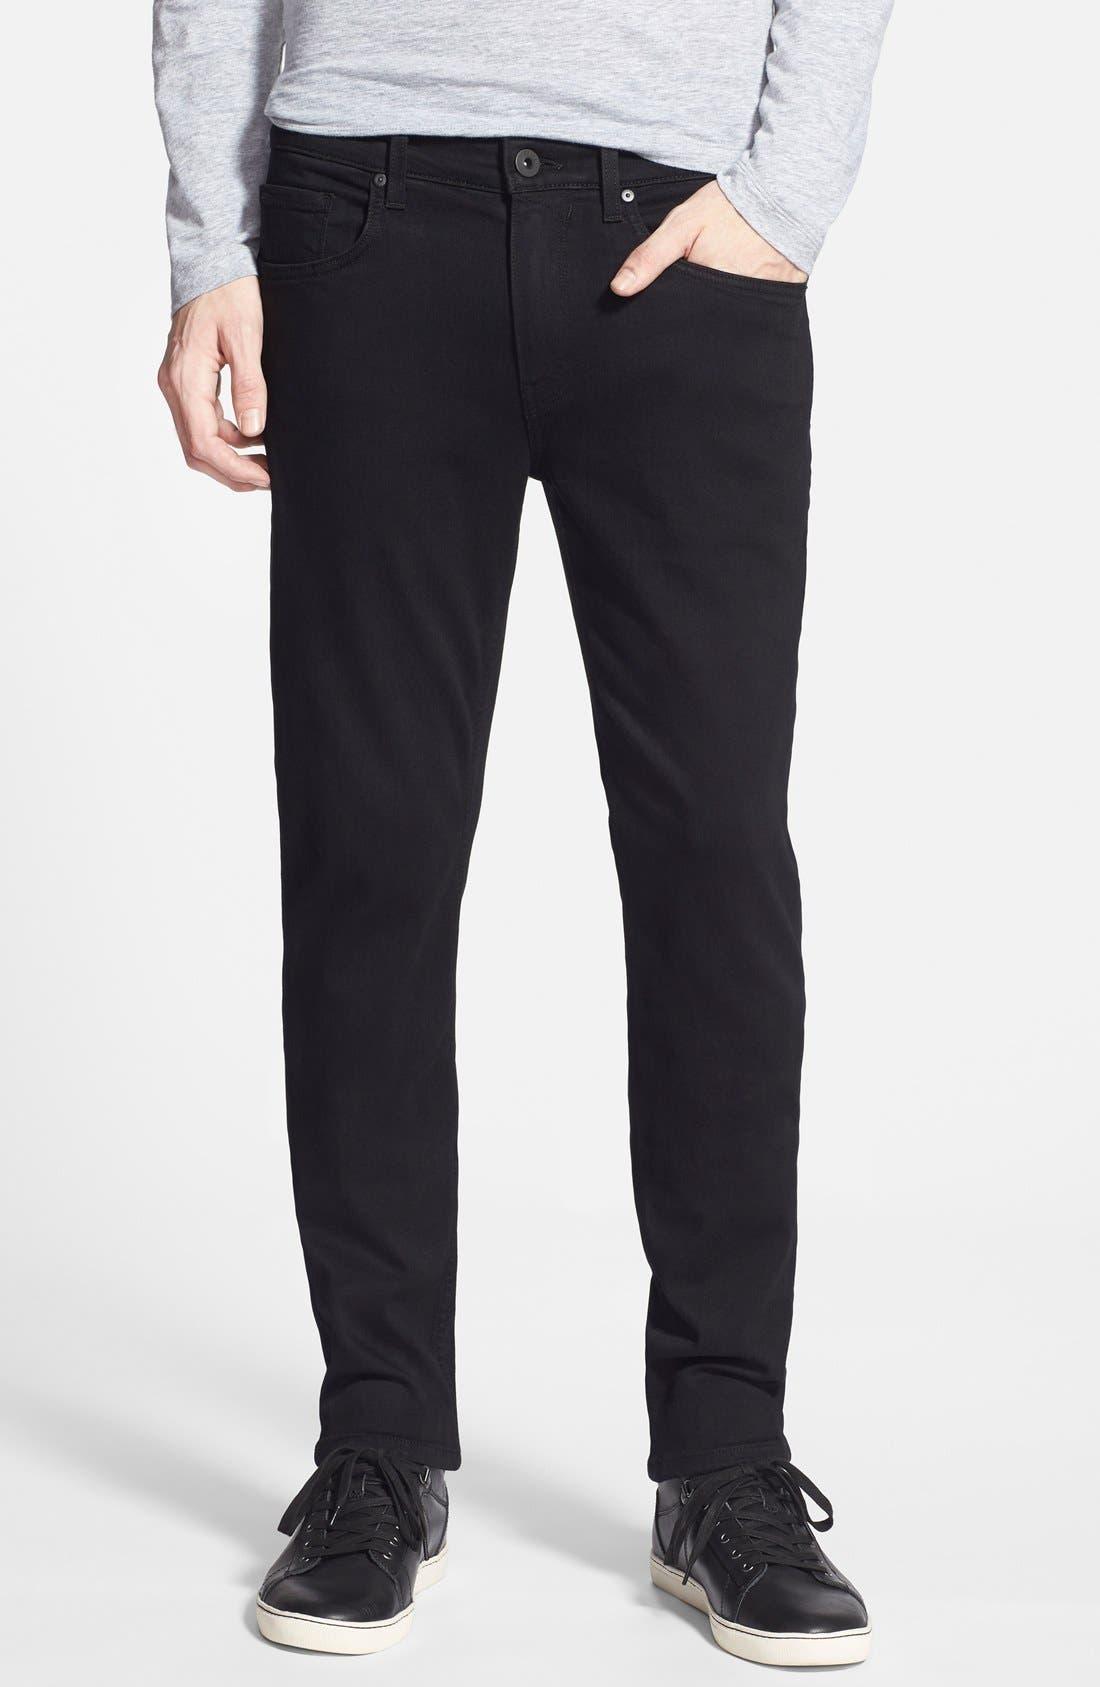 PAIGE Lennox XL TRANSCEND Slim Fit Jeans